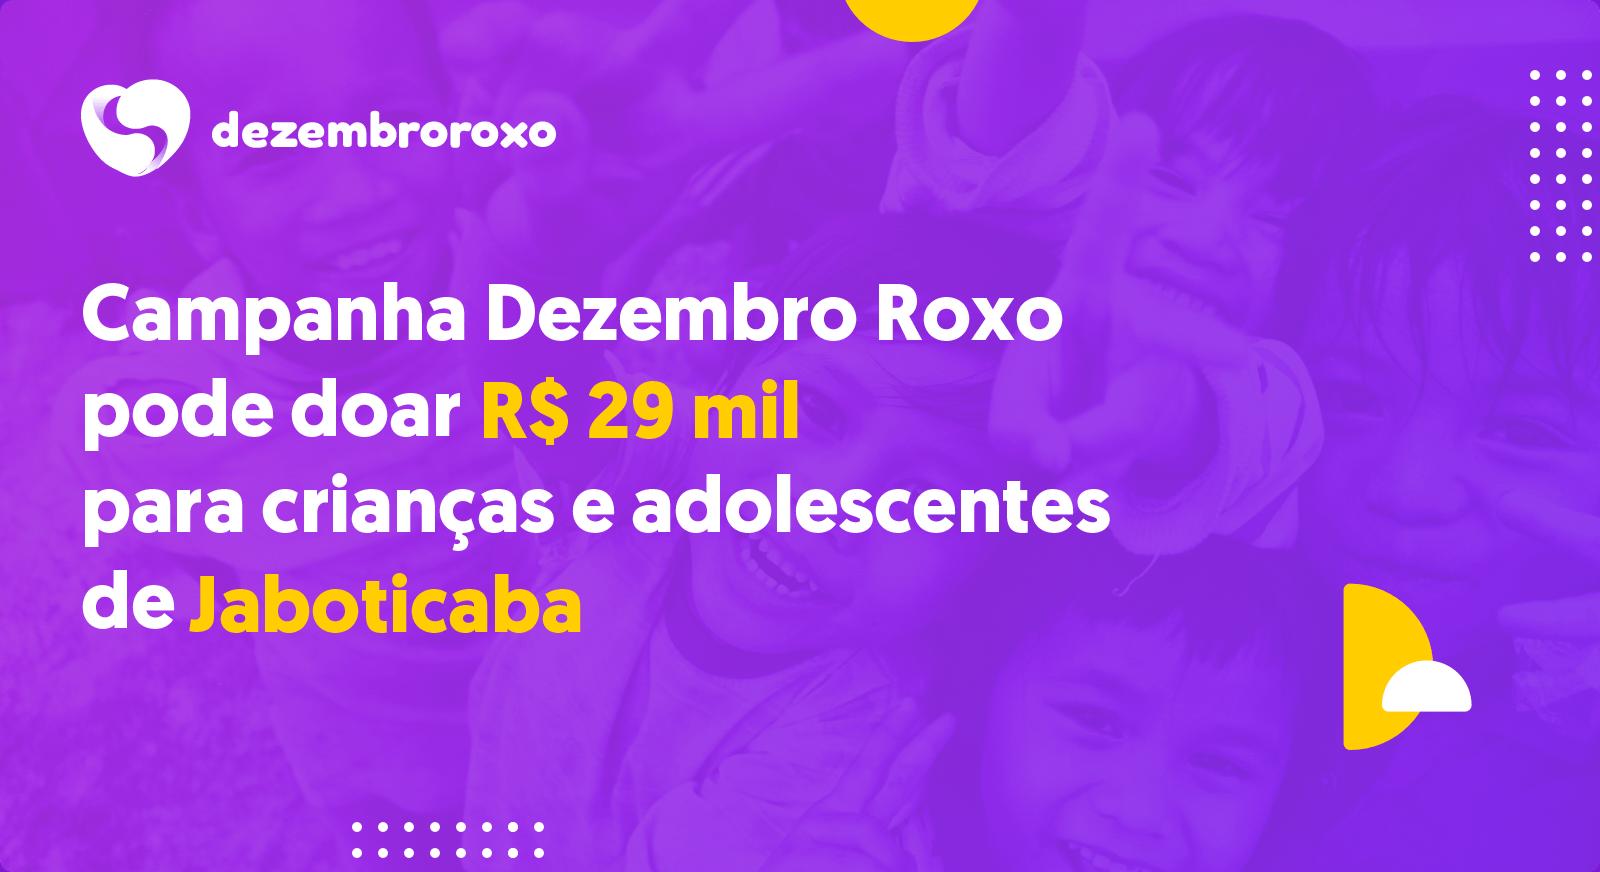 Doações em Jaboticaba - RS